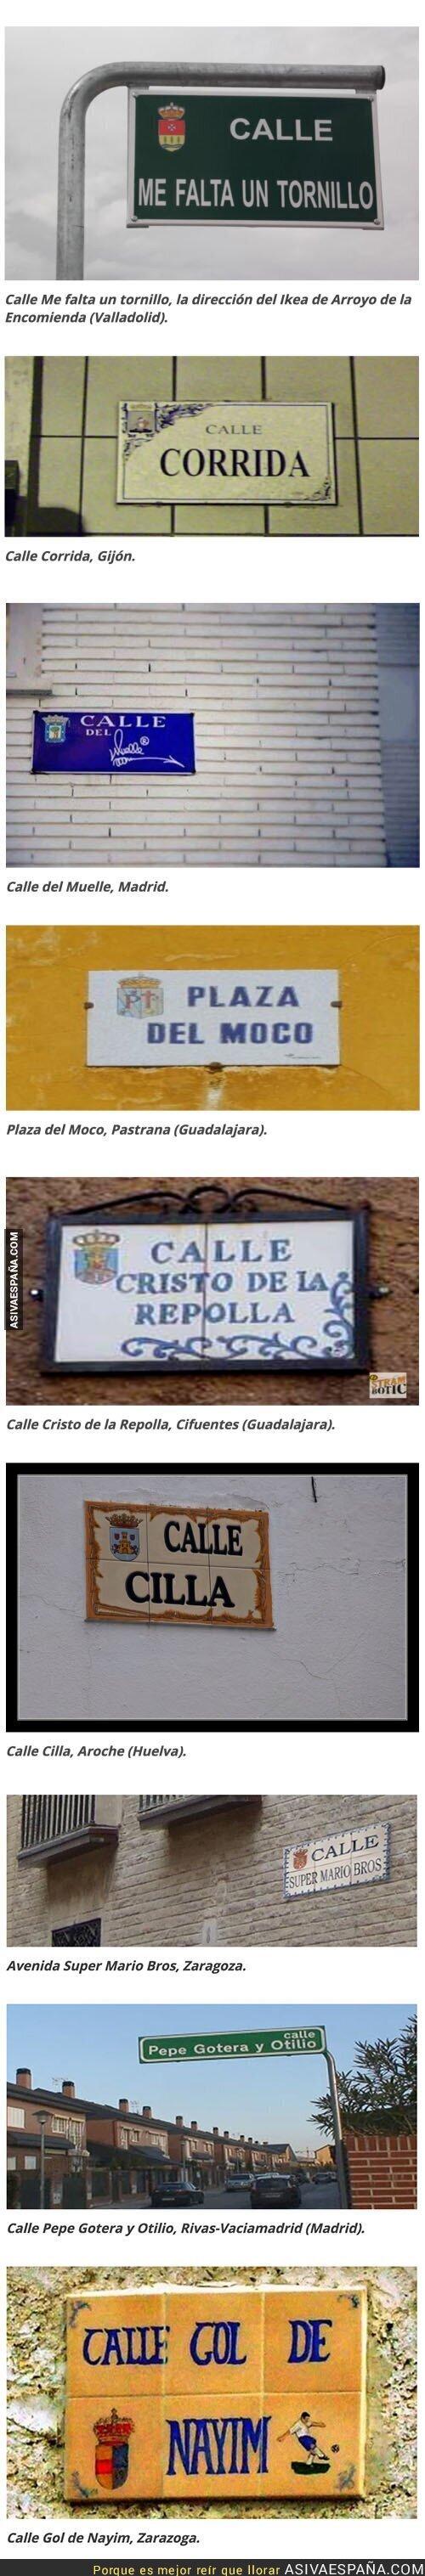 86058 - Recopilatorio de calles que encontramos por España con nombres muy curiosos